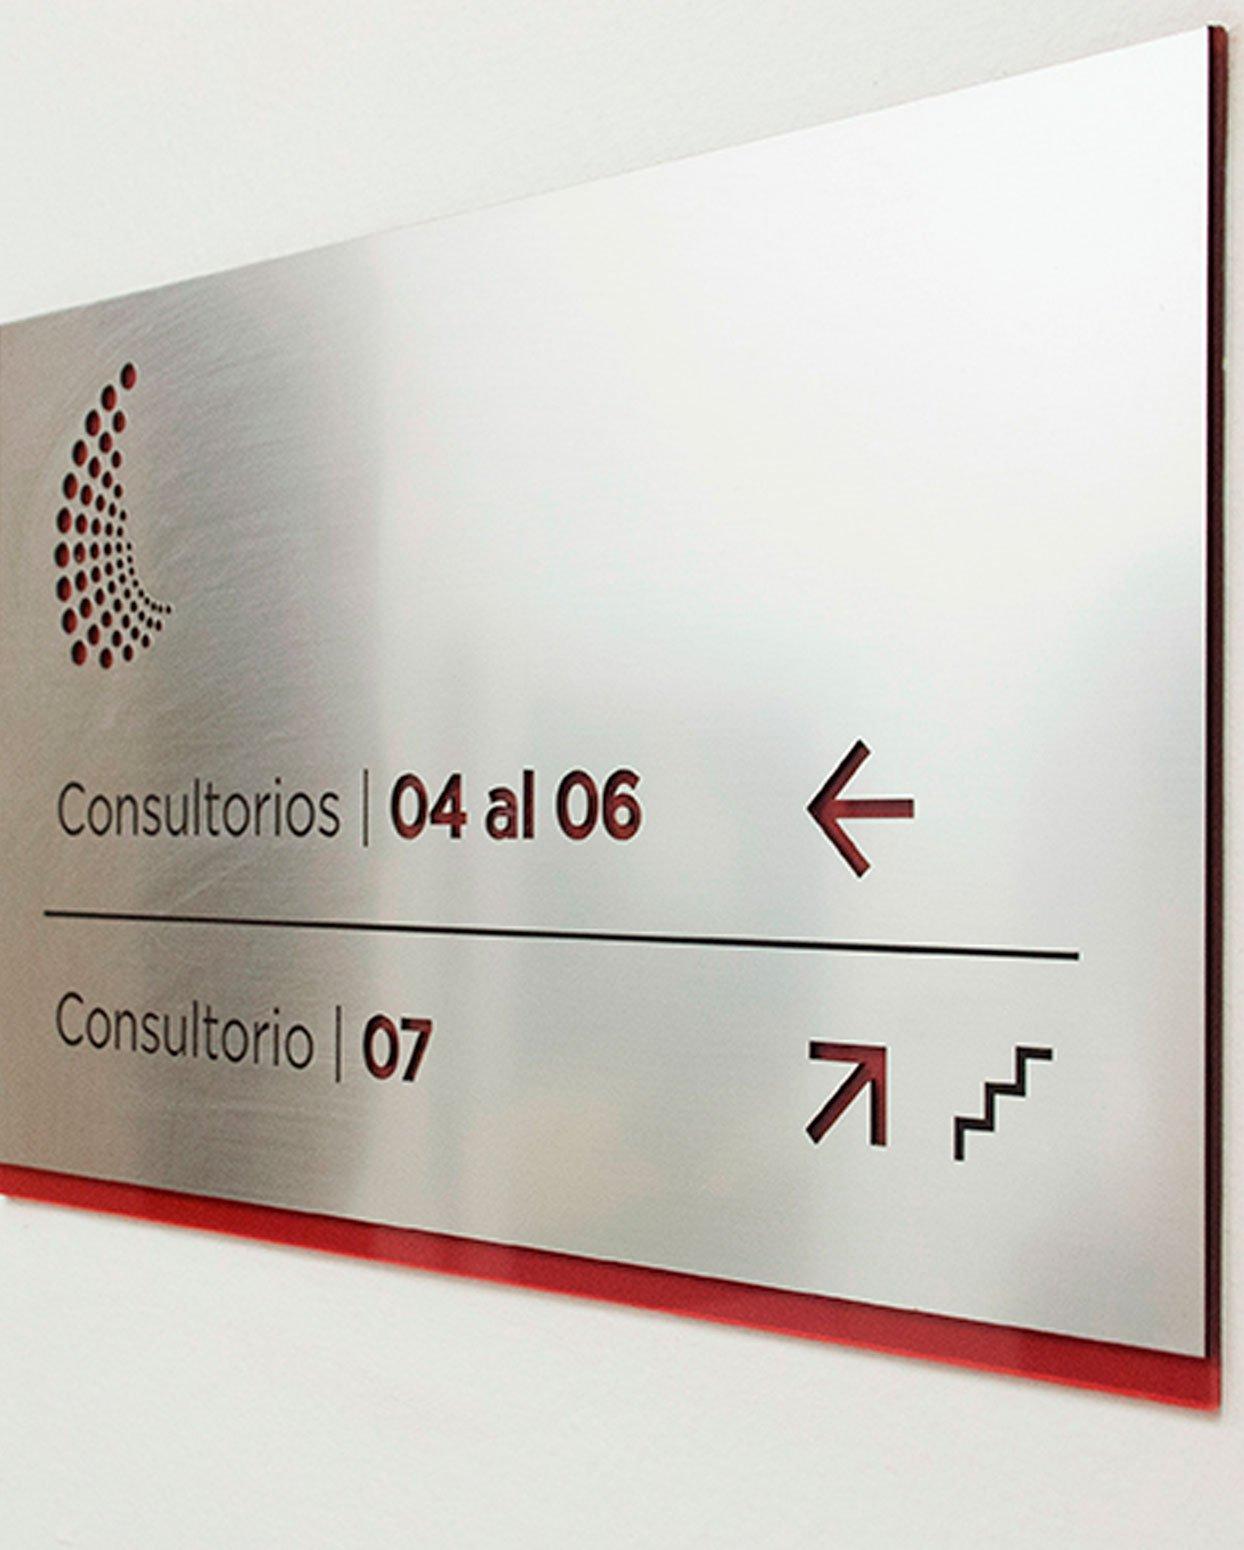 señalizacion-reglamentaria-señaletica-para-empresas-carteles-oficina-señalizacion-oficinas-y-hospitales-portada-34tipos